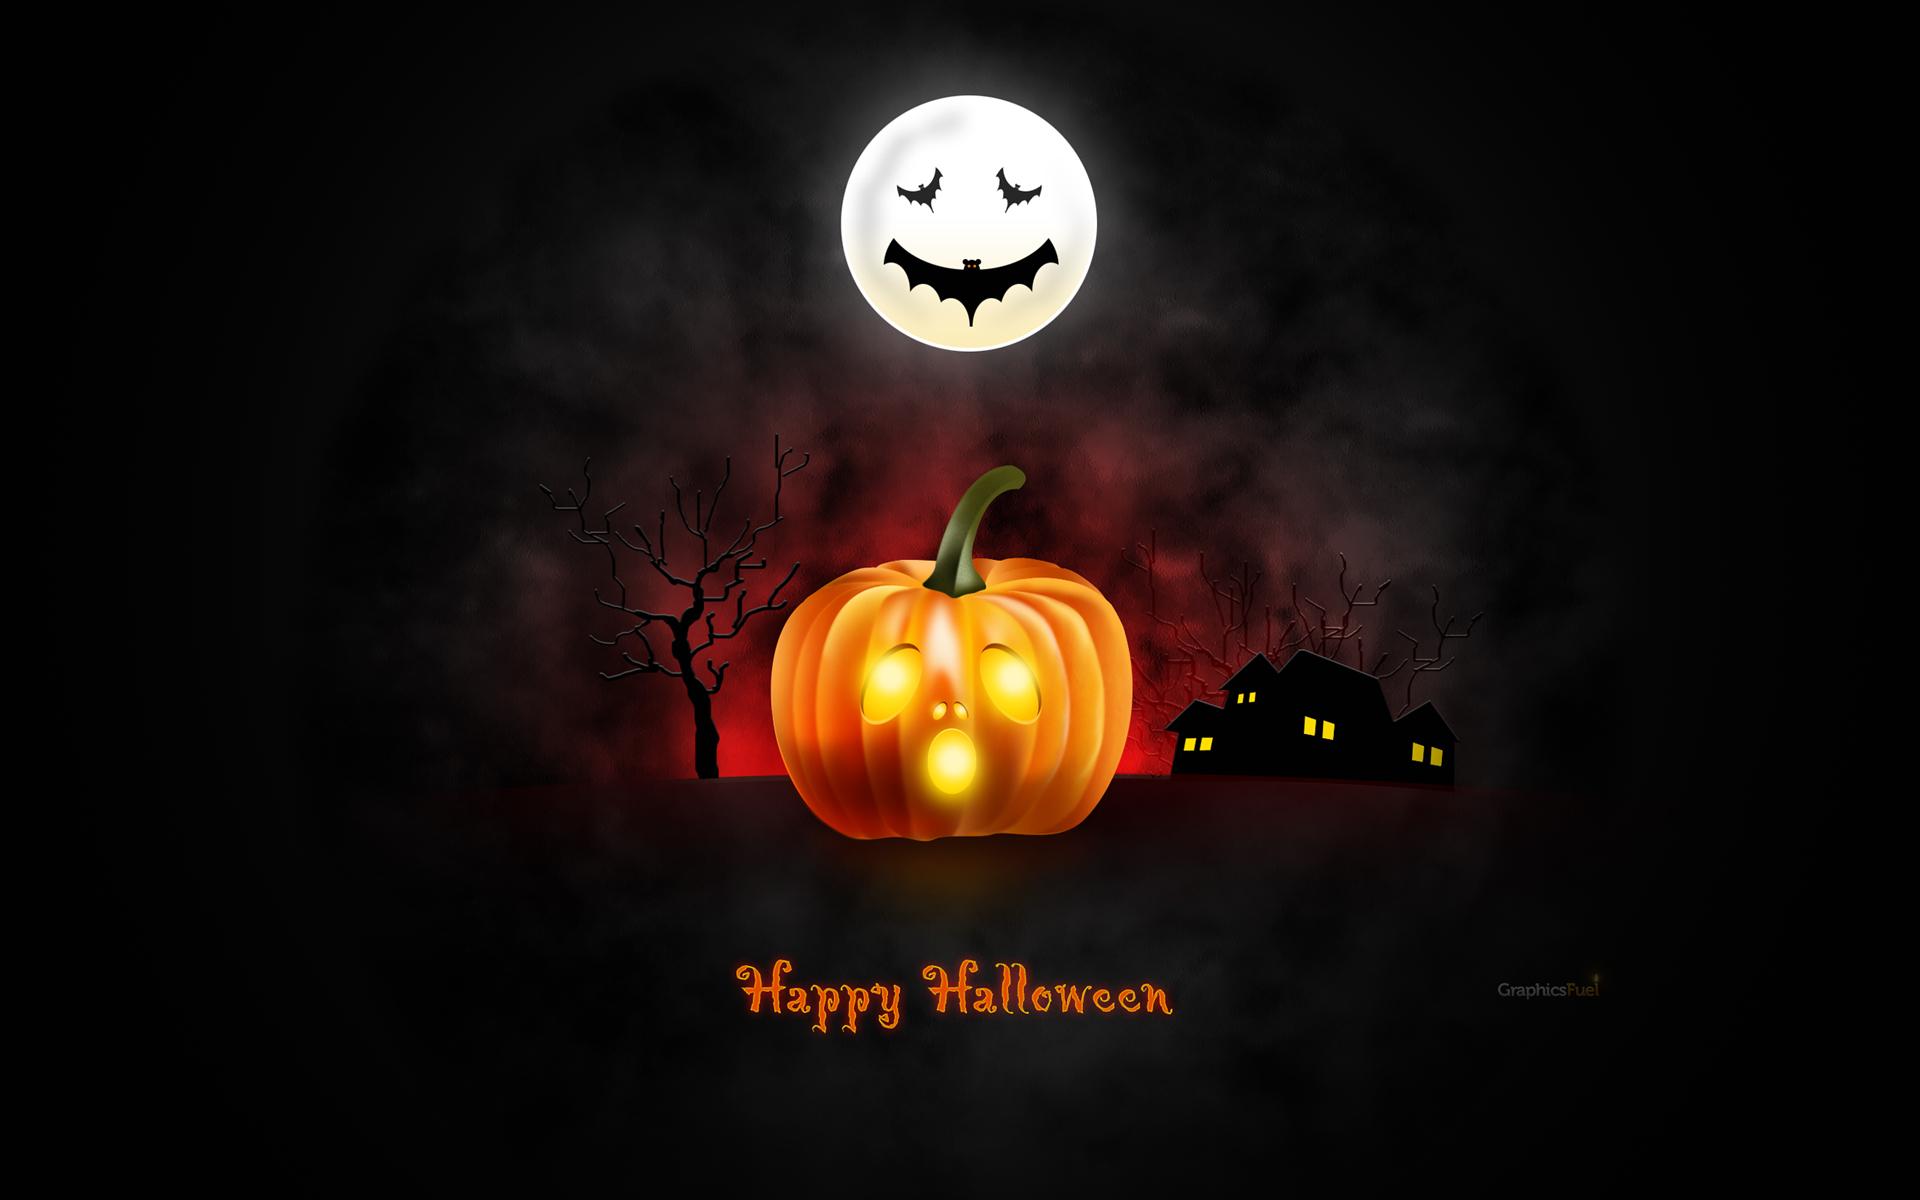 Halloween wallpaper for desktop iPad iPhone PSD 1920x1200